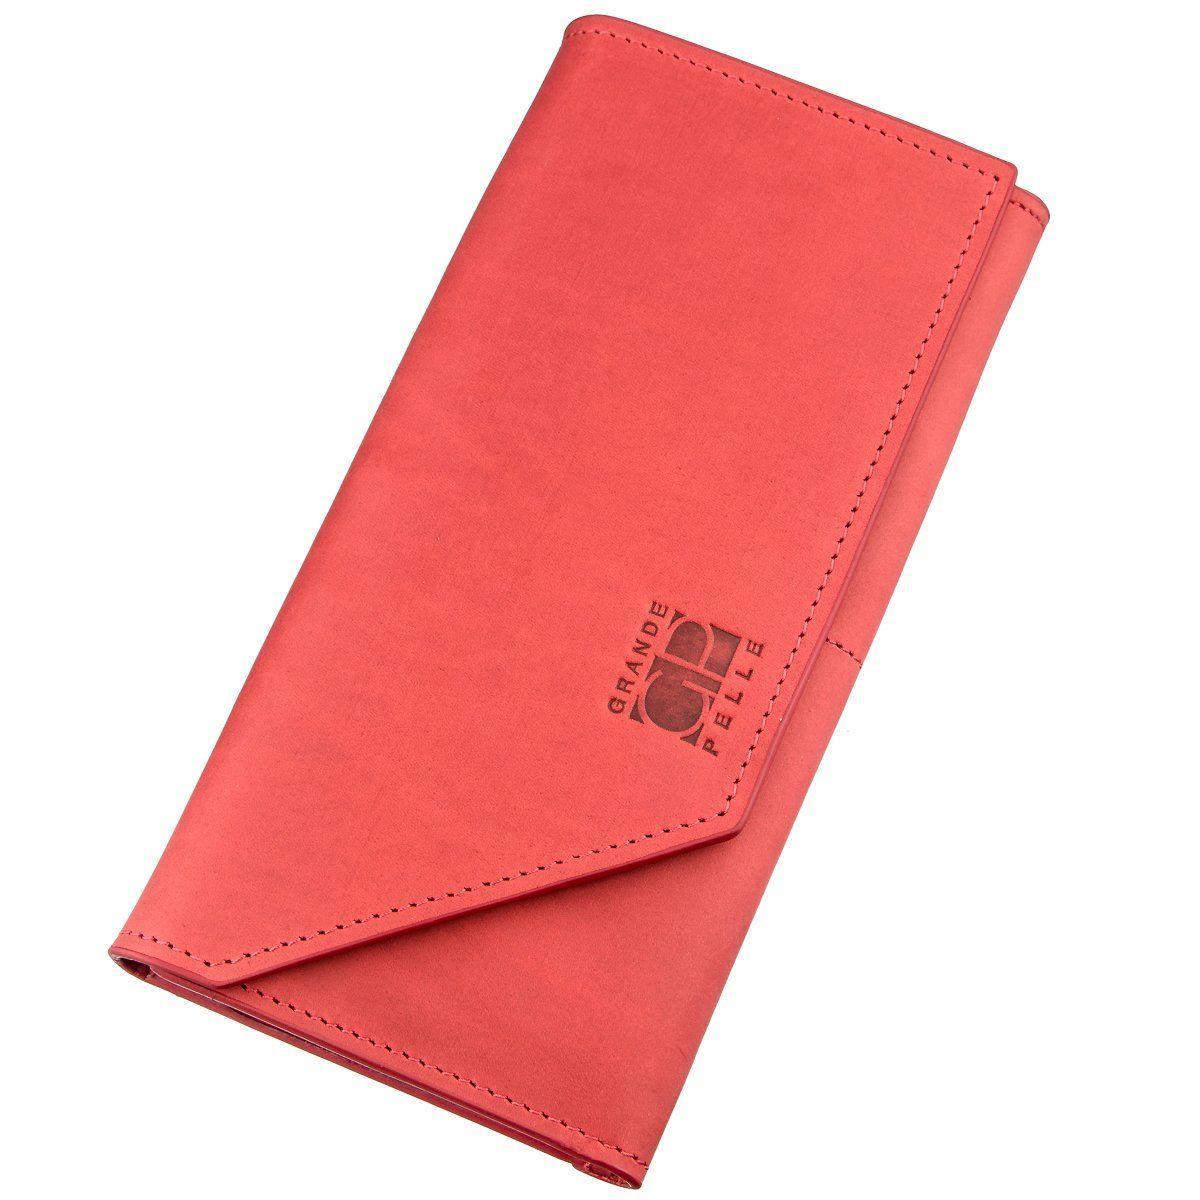 Кожаный Горизонтальный Клатч Унисекс Из Итальянской Кожи Grande Pelle 11216 Красный, Красный